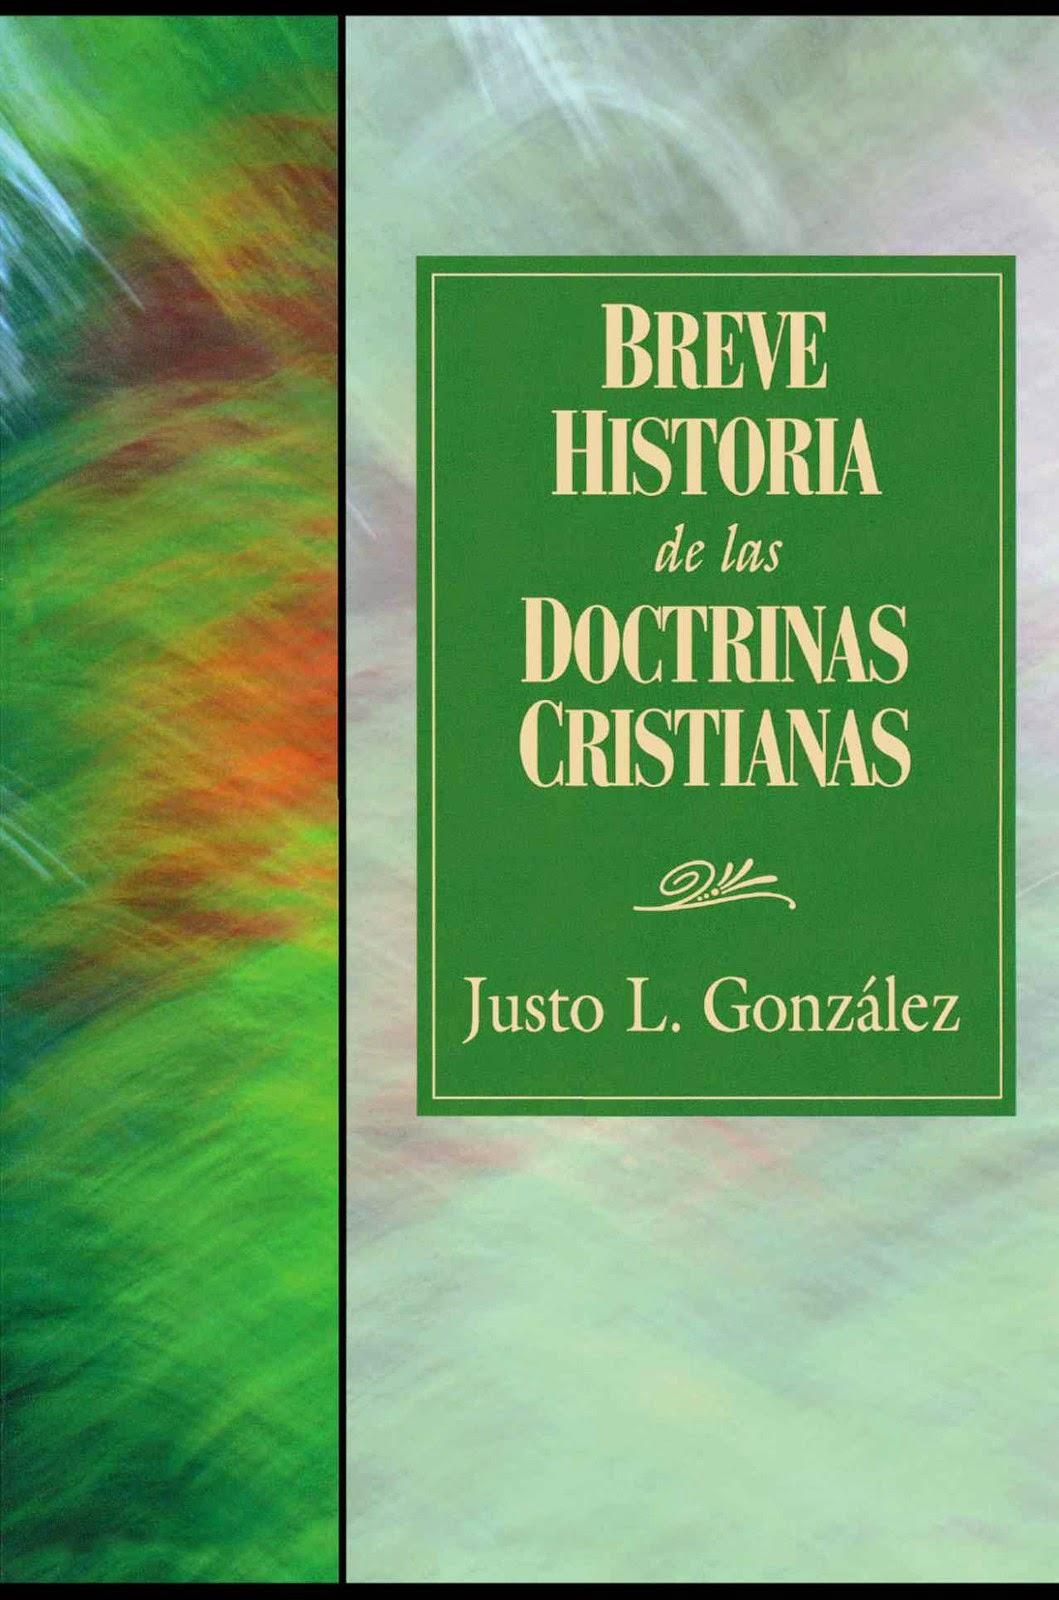 Justo L. González-Breve Historia De Las Doctrinas Cristianas-